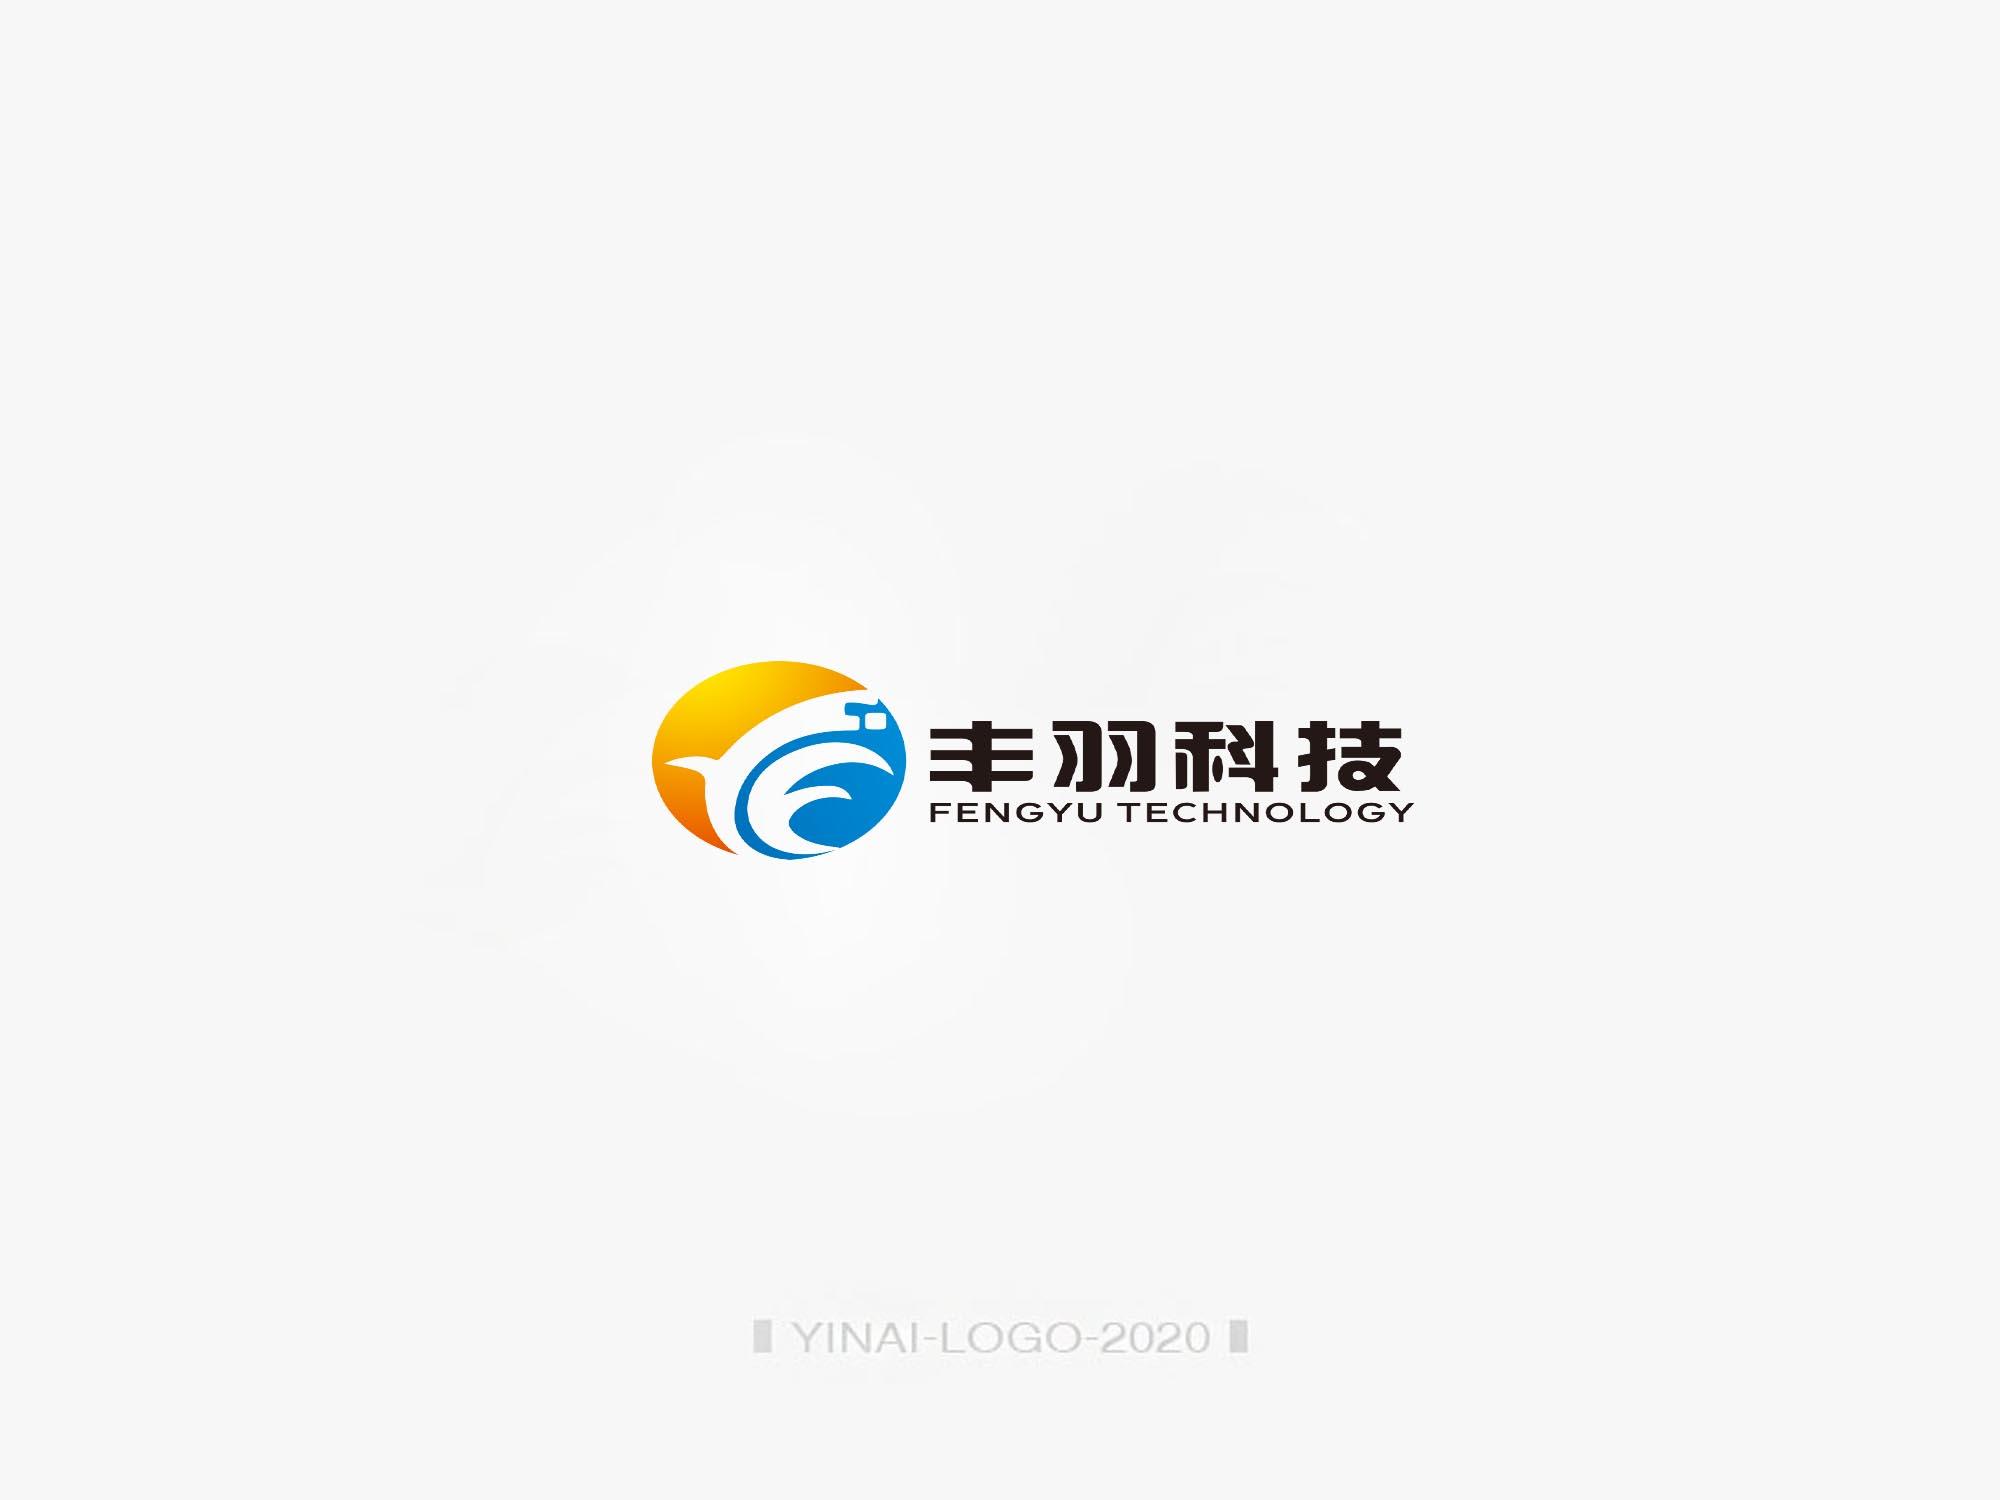 商标logo设计(内容有补充3.23)_3036647_k68威客网